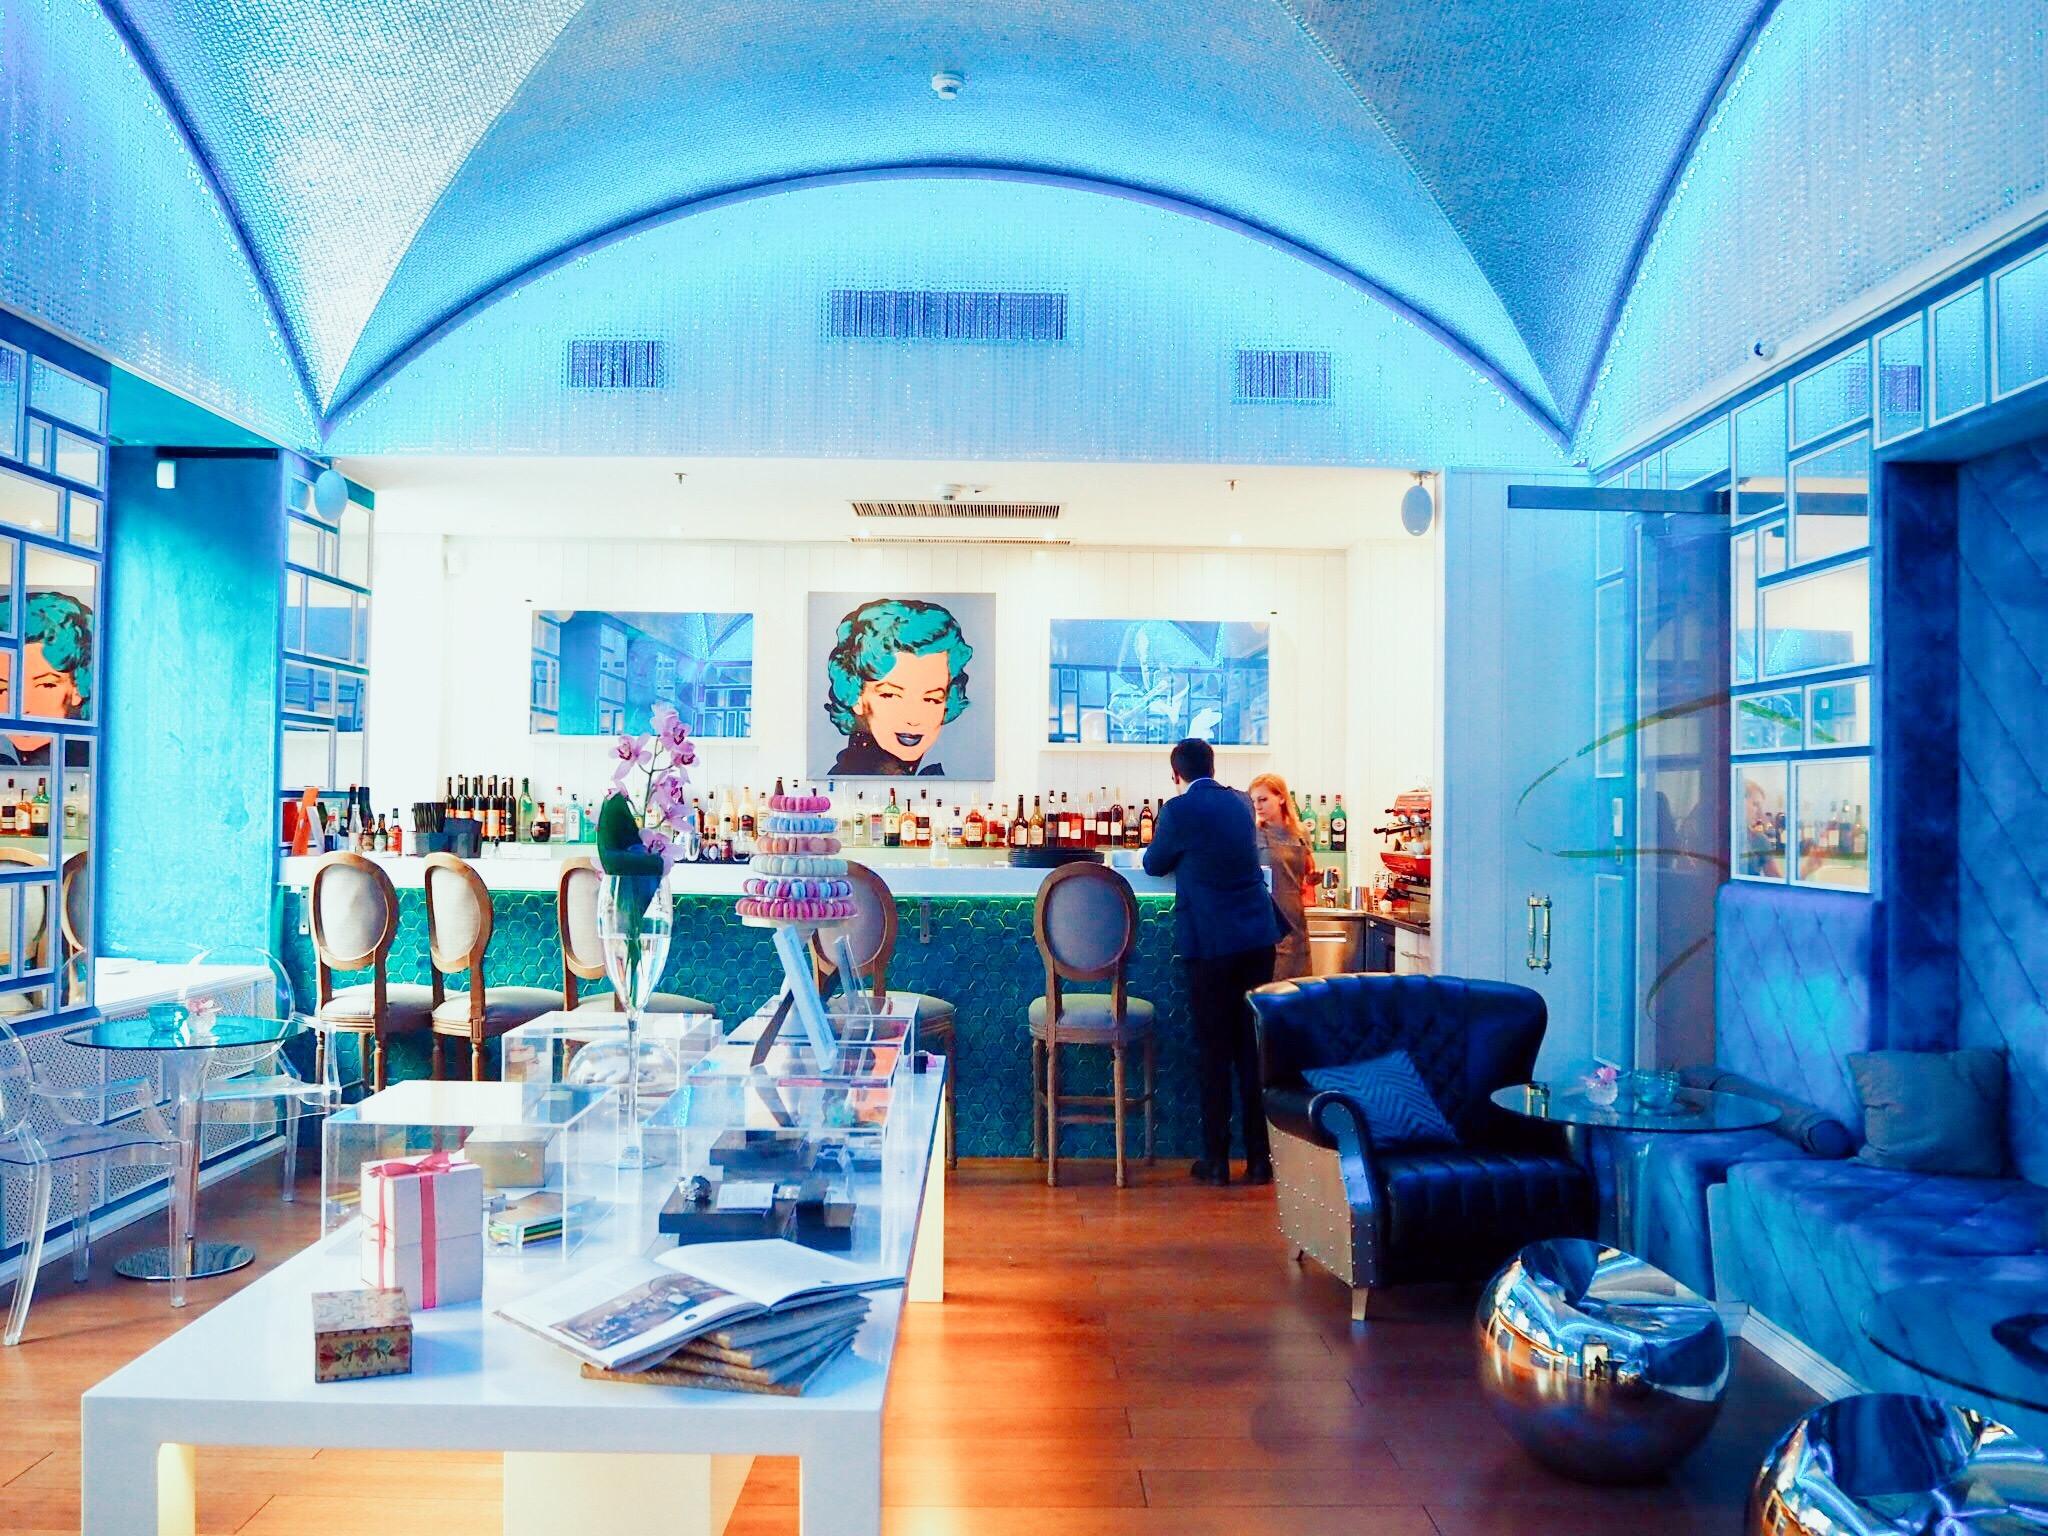 d316a837 2b80 4aee aa3e da68dbf4afd3 - Aria Hotel Budapest - 音楽に囲まれて過ごすブダペストのラグジュアリーブティックホテルの魅力